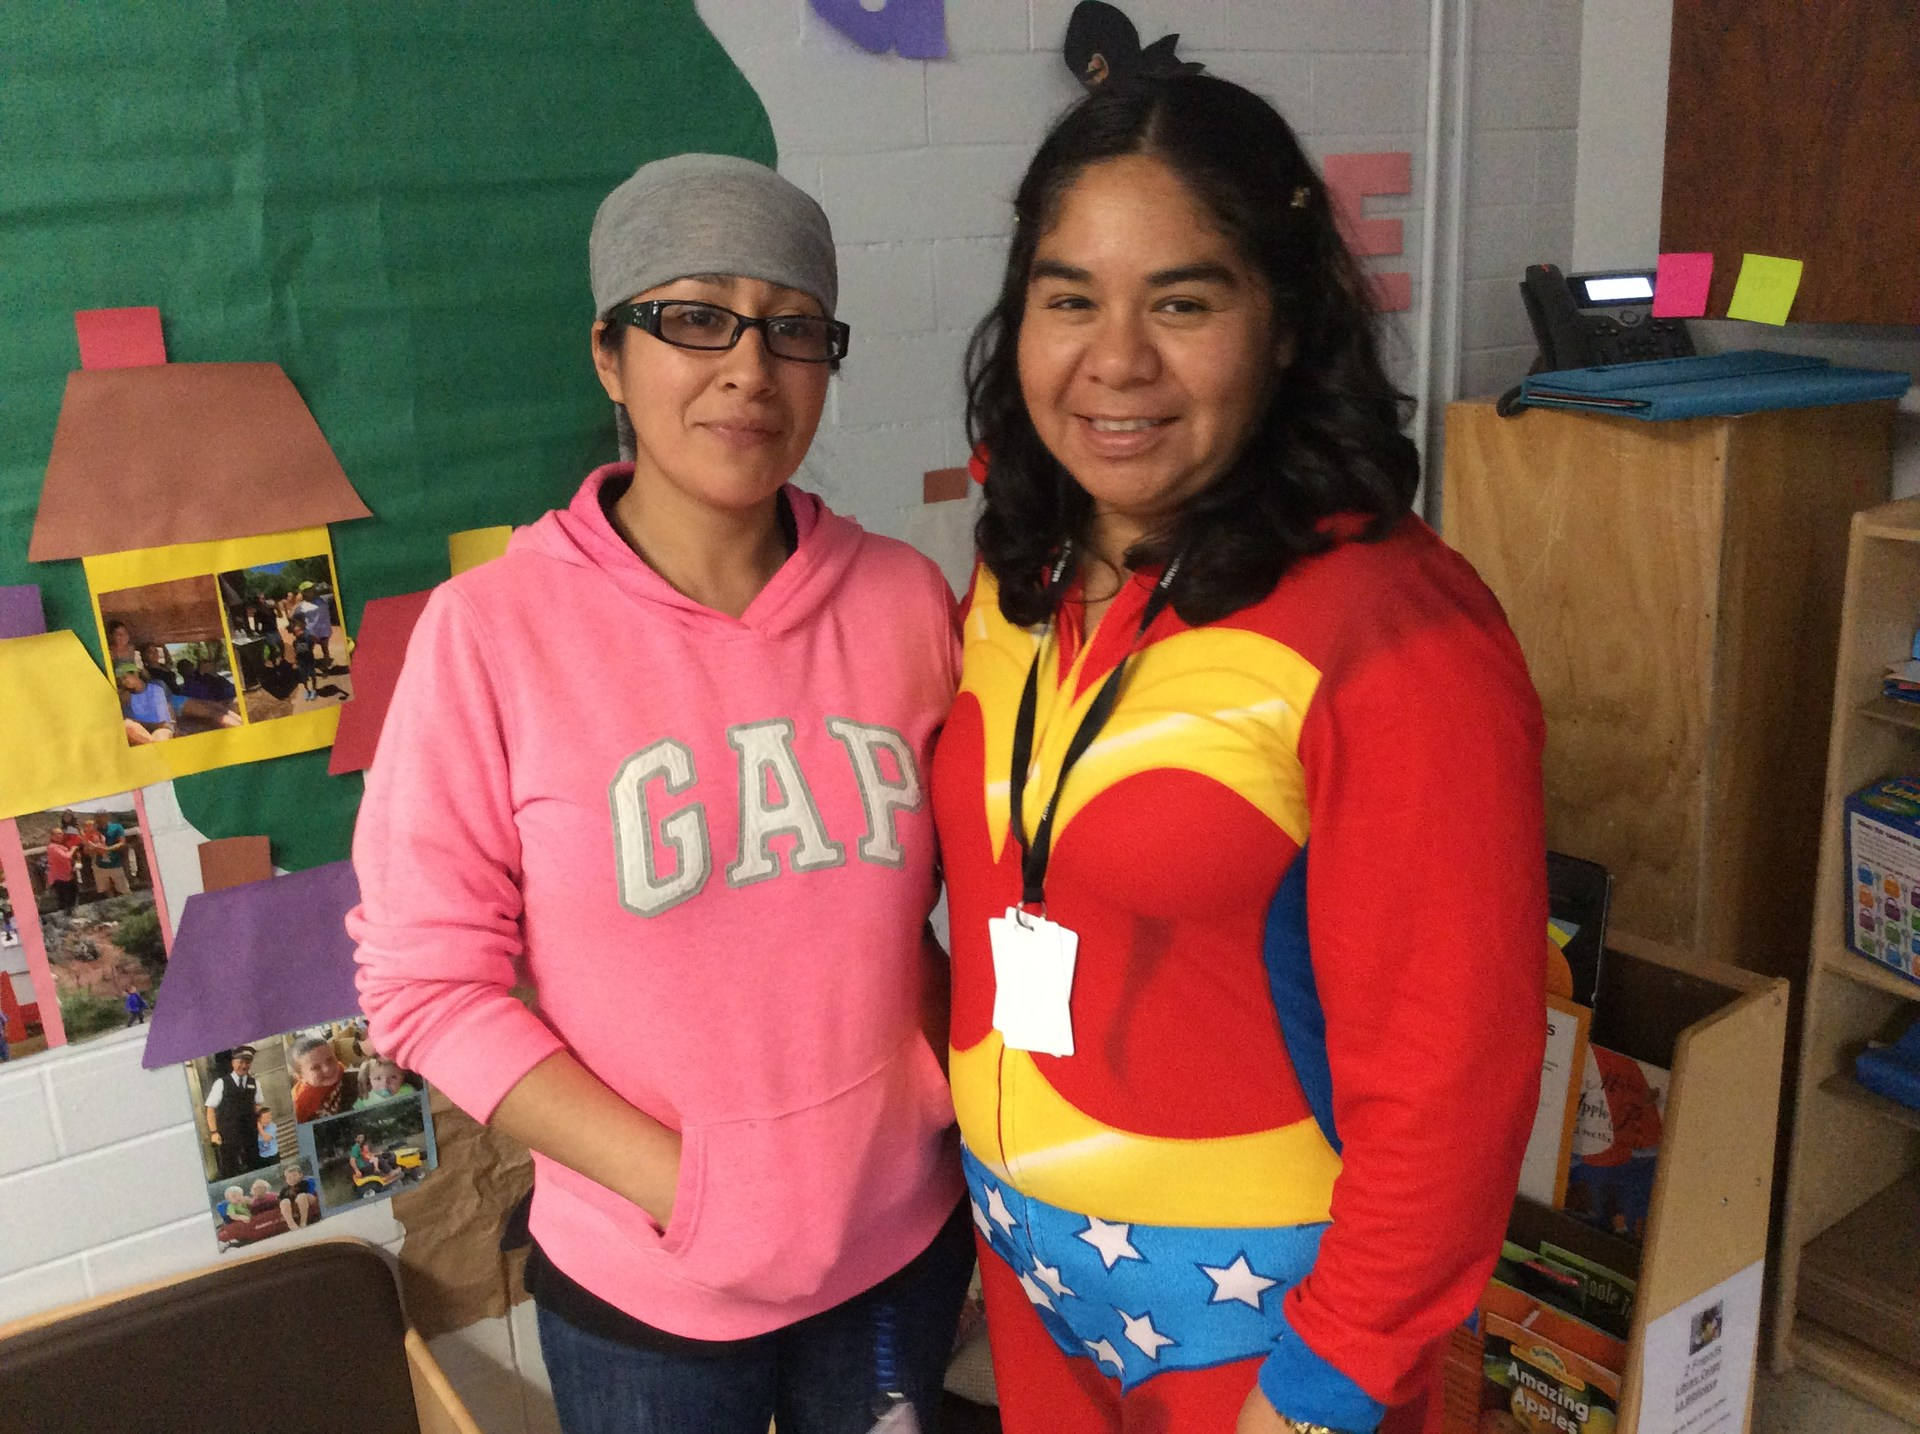 Yesenia and Patty